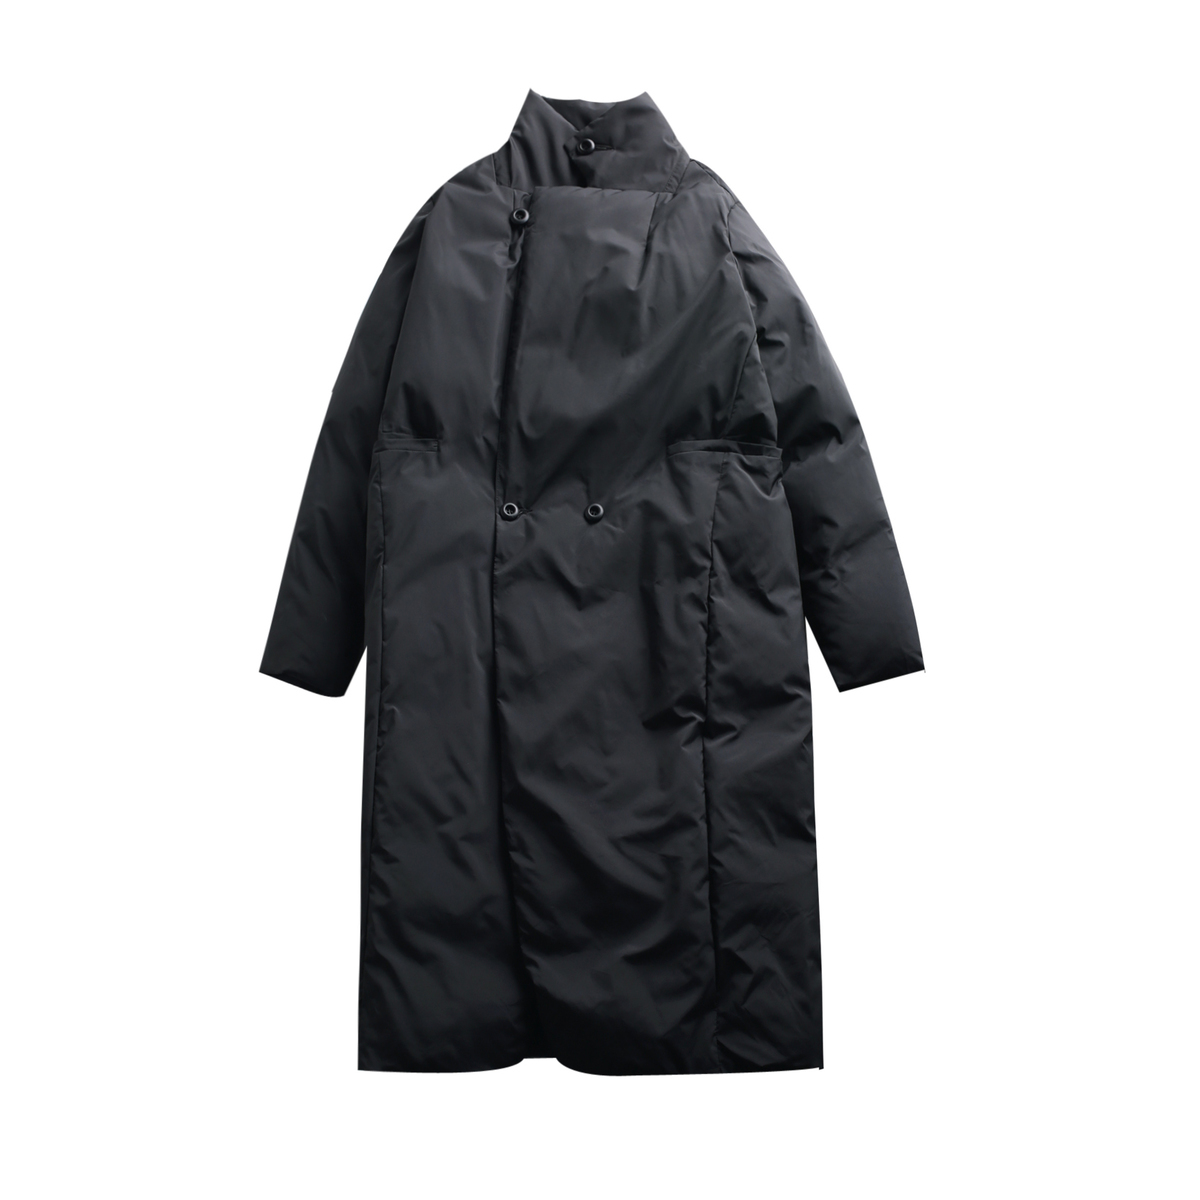 Grande eam De Manches Black Nouveau Couleur Taille Coton Longues Marée Printemps Manteau Évent Femmes 2019 Jd16 Montant Noir Col À Solide rembourré Mode 6YrxU6Bnqw